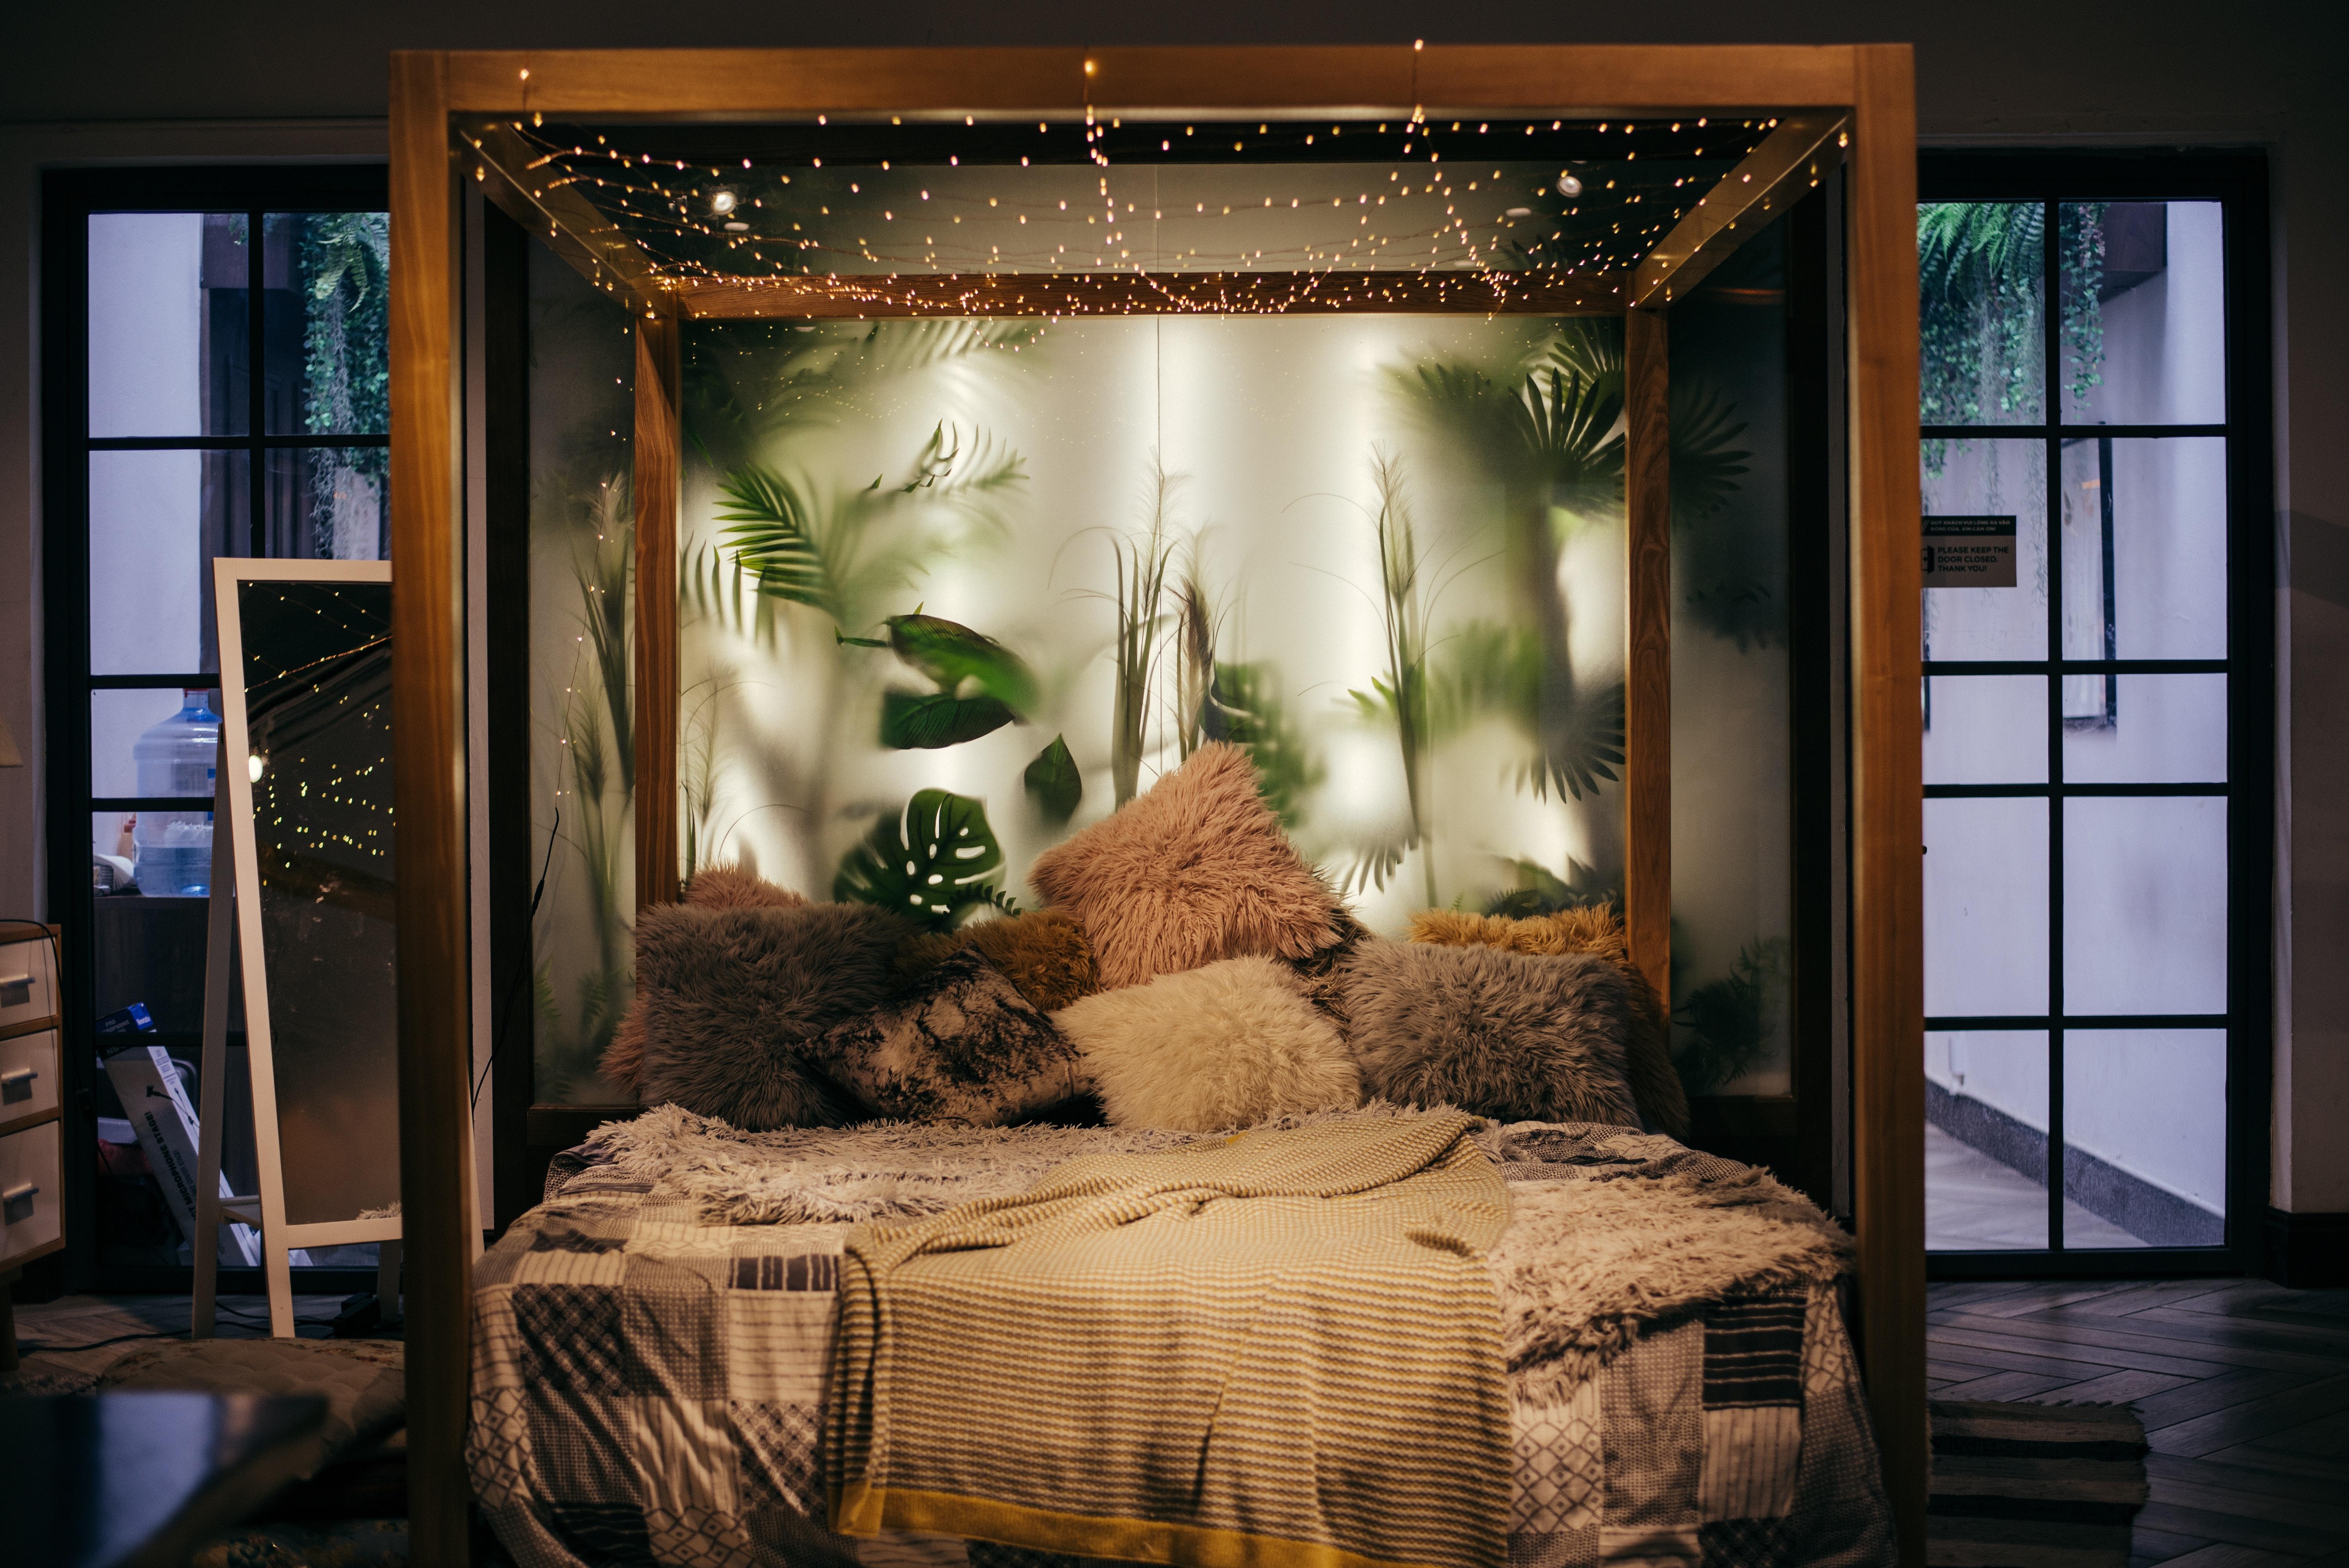 Cozy New Home Interior Design Ideas on cozy luxury home interiors, cozy house ideas, cozy minimalist design, cozy room, cozy kitchen ideas, decorative organization ideas, cozy bathroom ideas, cozy apartment ideas, cozy painting, bathroom interior ideas, cozy chic decor, cozy home ideas, cozy landscape ideas, cozy decorating ideas, cozy furniture ideas, country living room ideas, cozy bedroom furniture, cozy rugs, cozy minimalist interior, room design ideas,